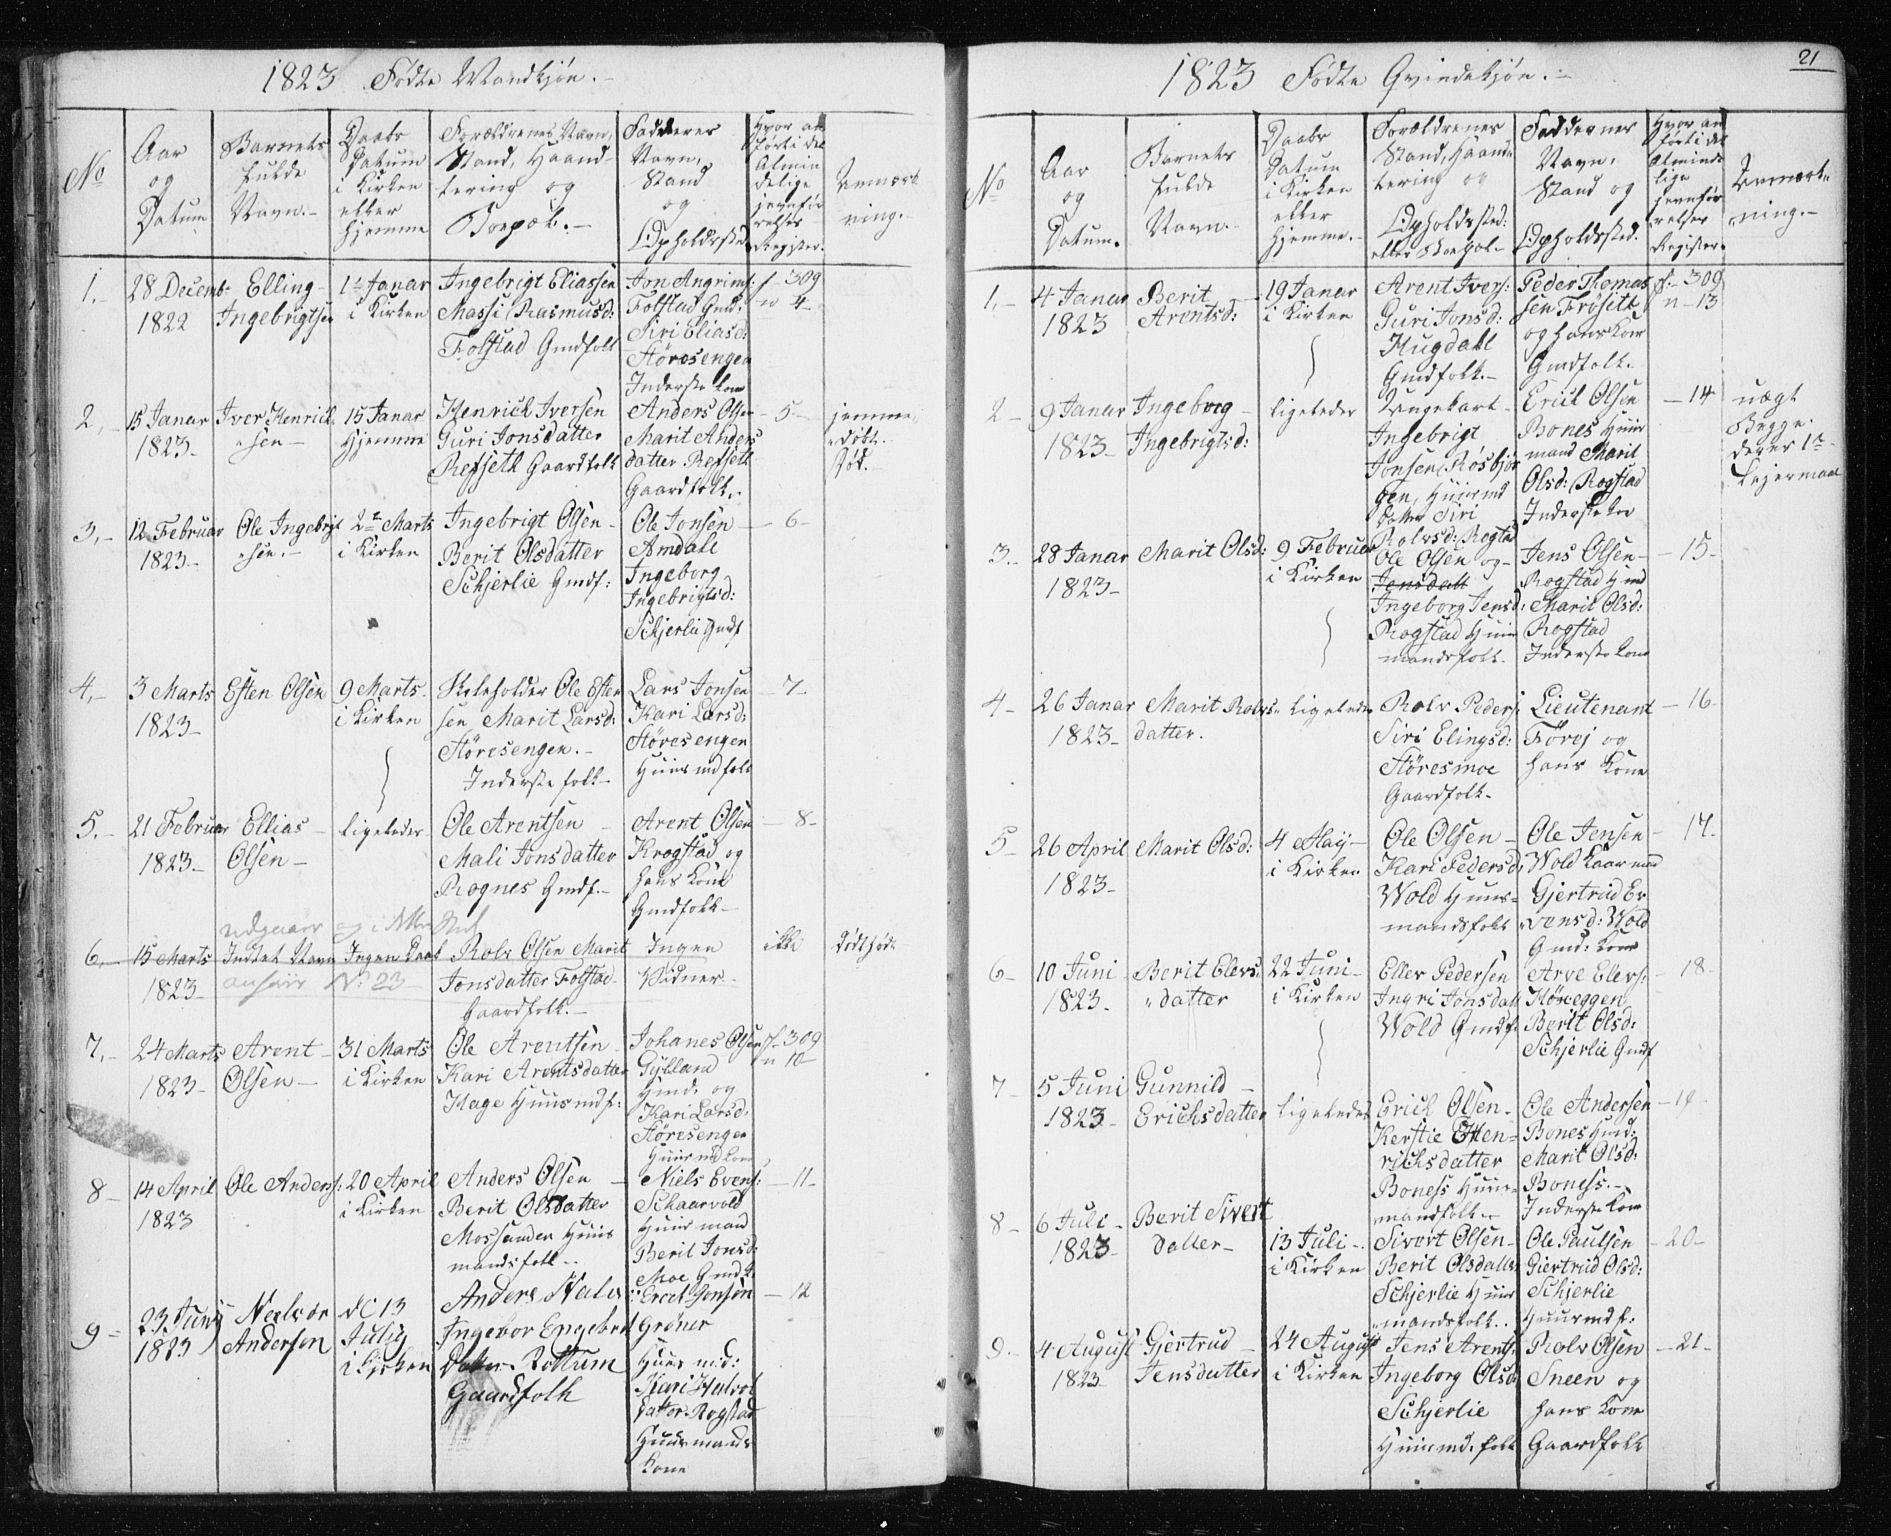 SAT, Ministerialprotokoller, klokkerbøker og fødselsregistre - Sør-Trøndelag, 687/L1017: Klokkerbok nr. 687C01, 1816-1837, s. 21